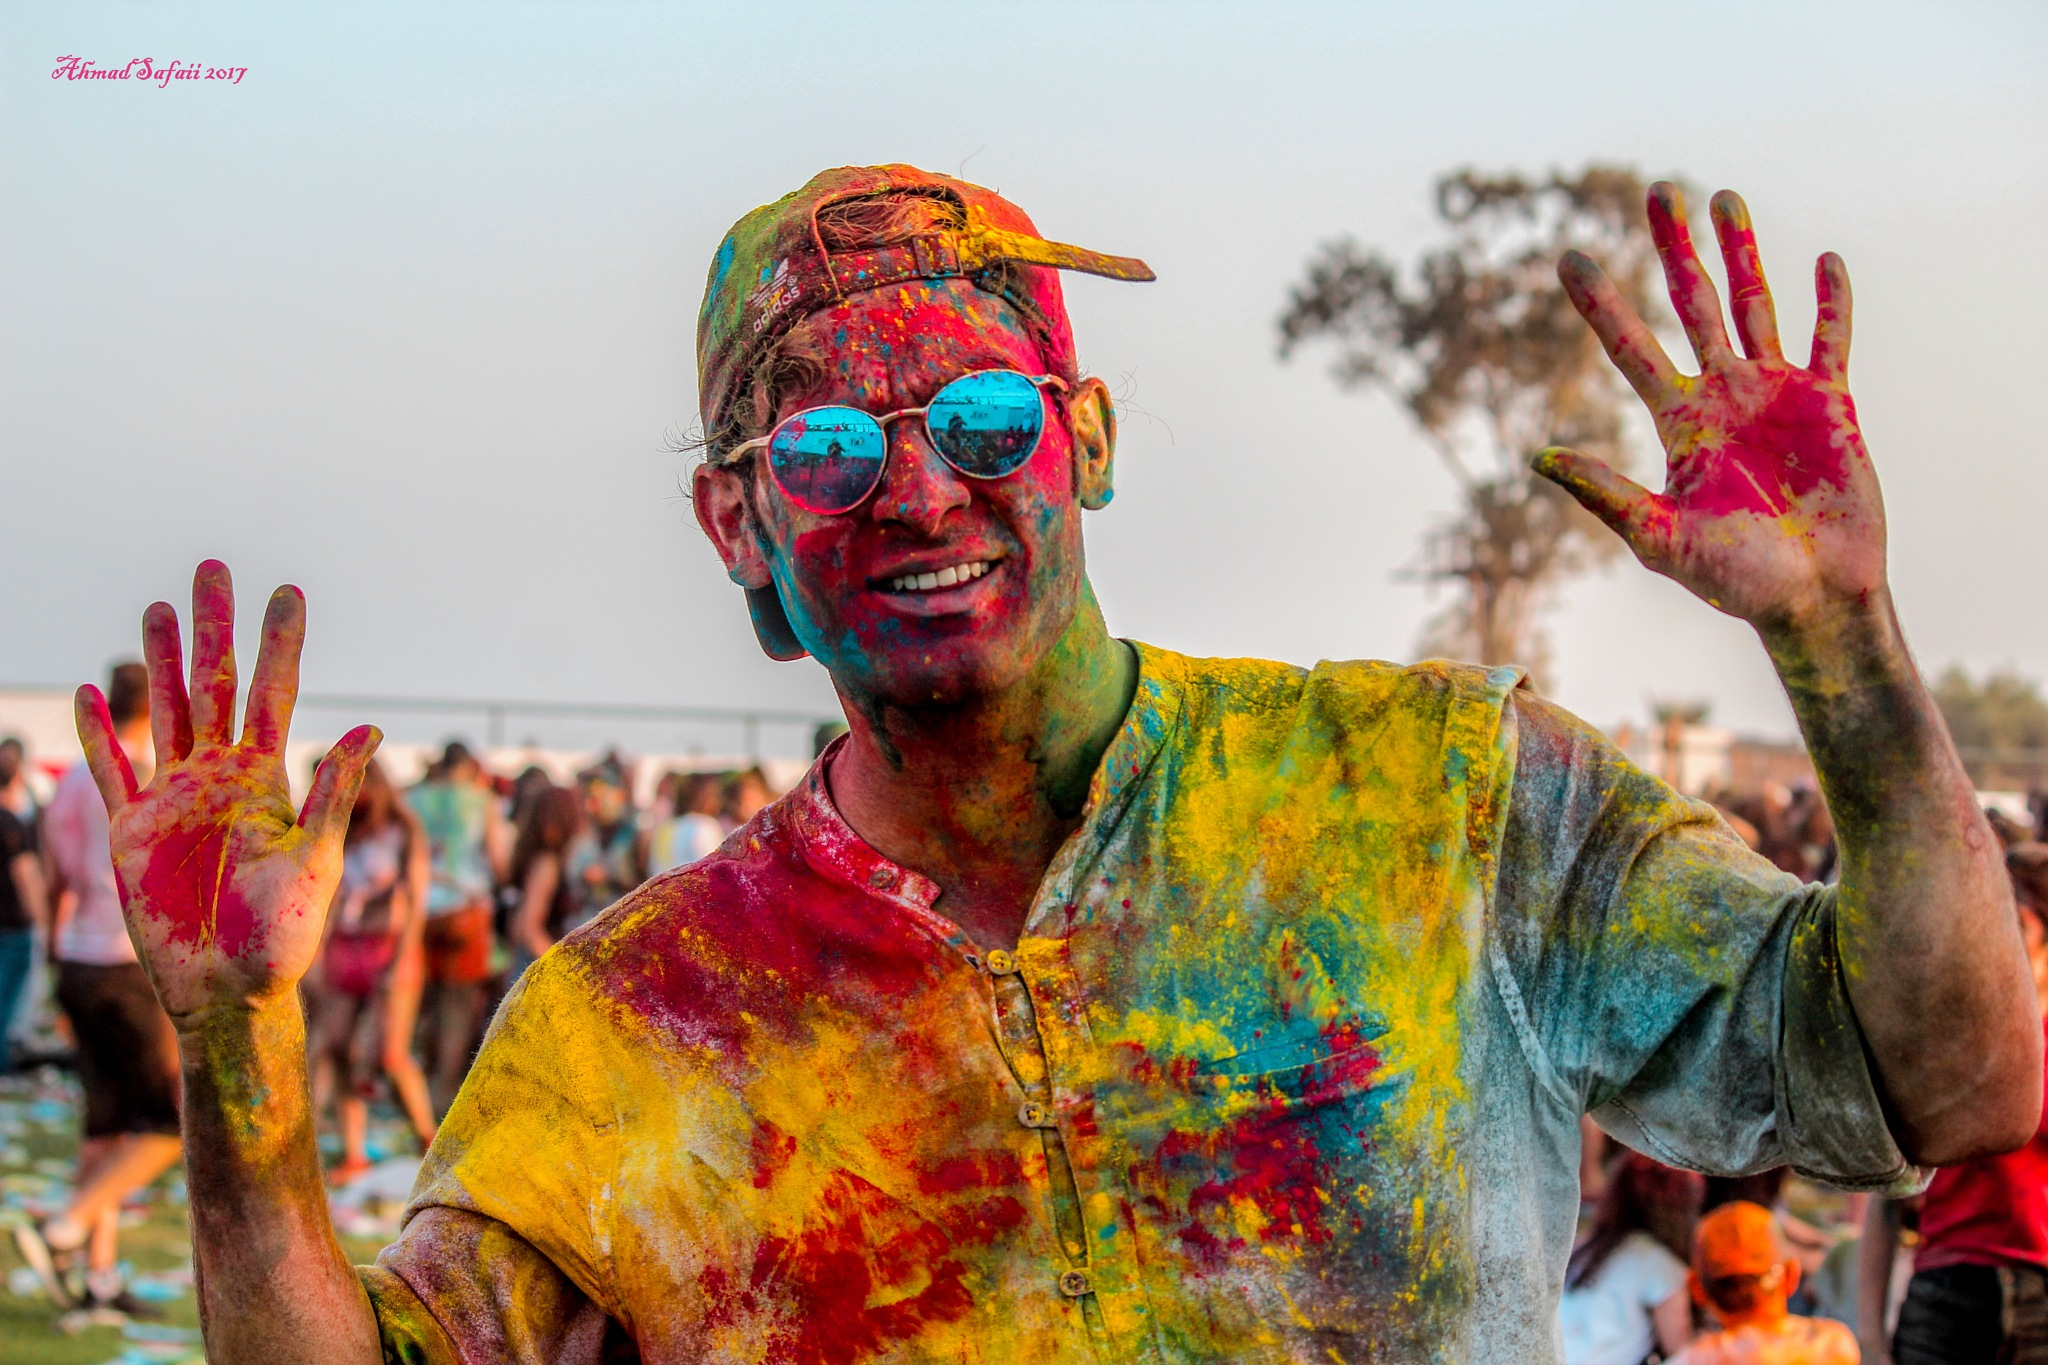 color6 by Ahmad Safaii